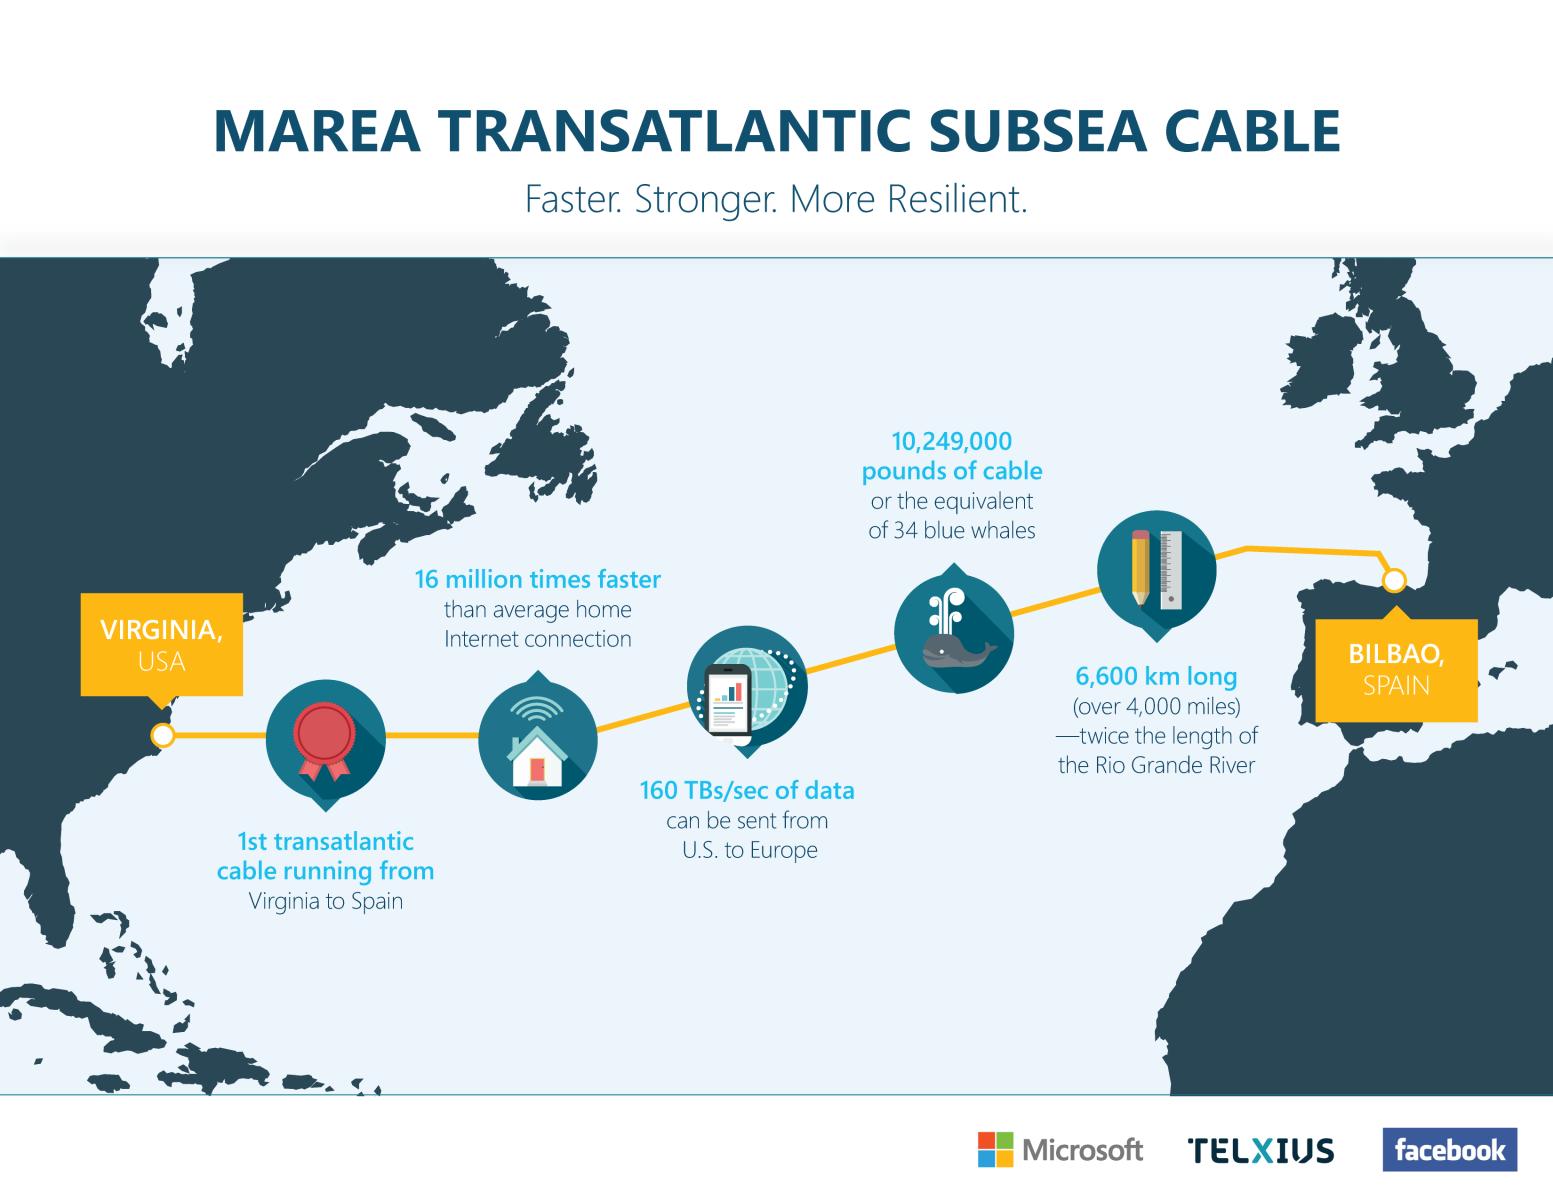 MAREA跨大西洋海底电缆传输速度创纪录